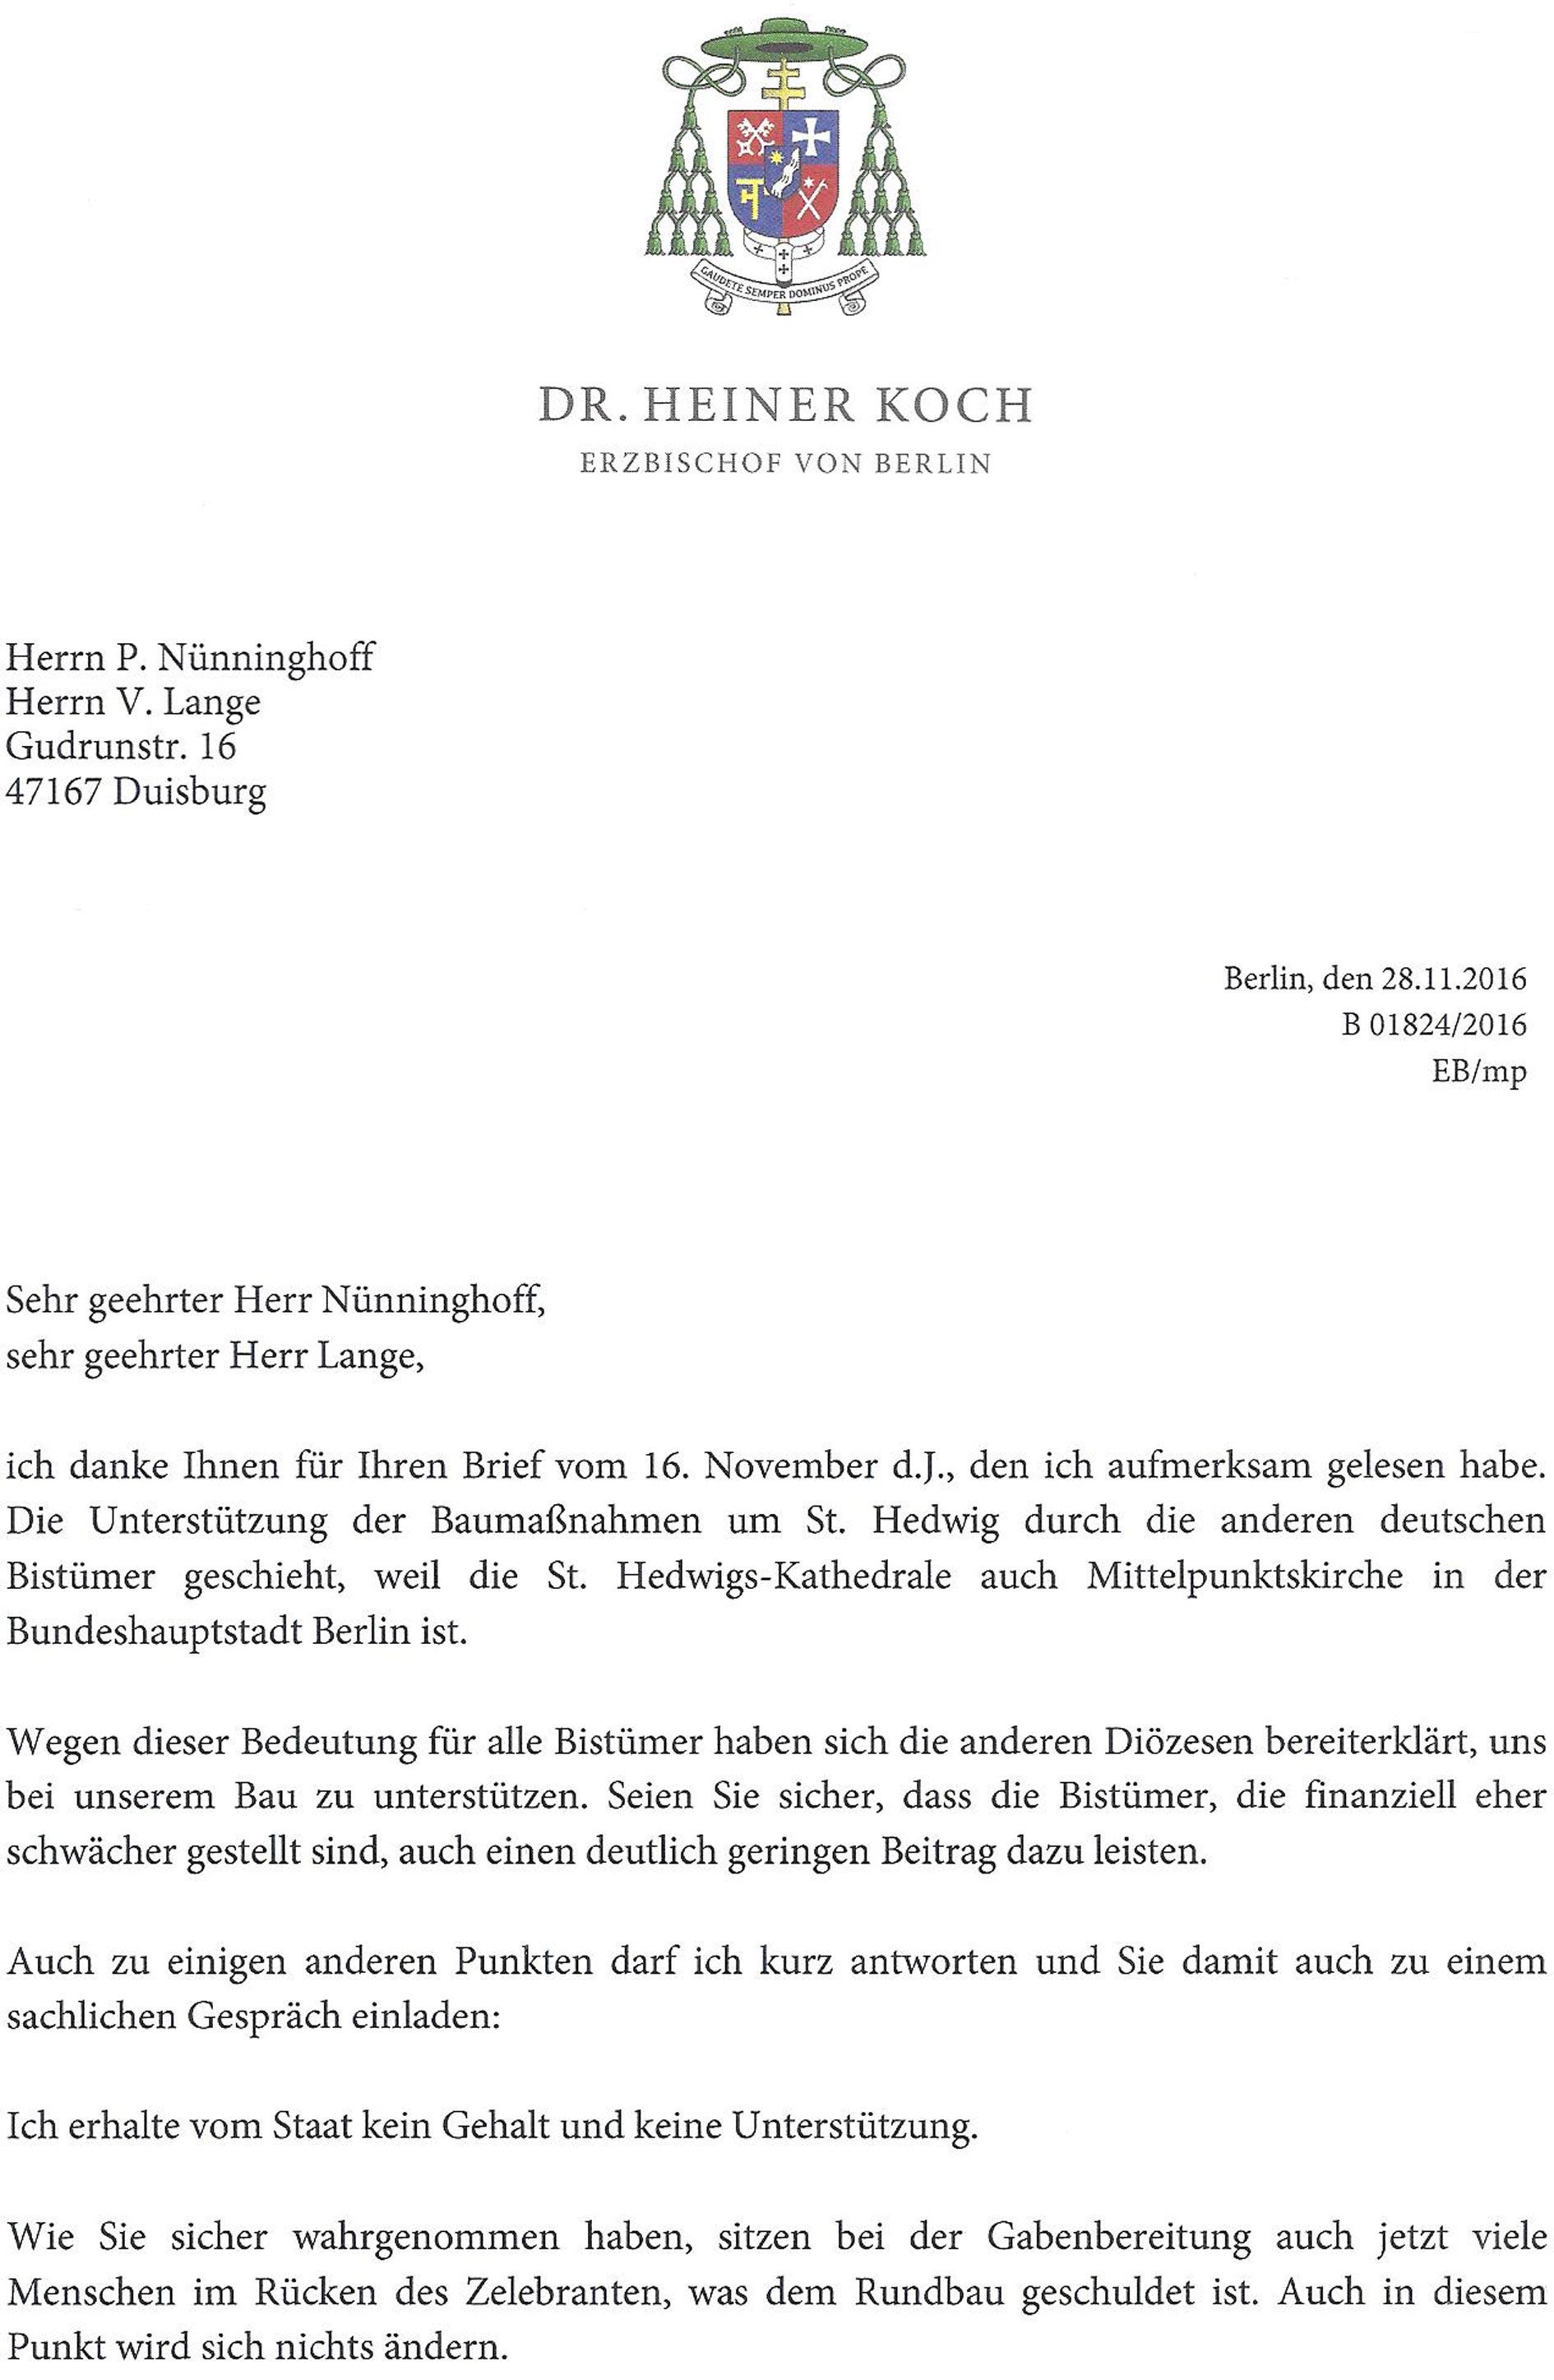 Offener Brief Aus Dem Bistum Essen An Den Erzbischof Freunde